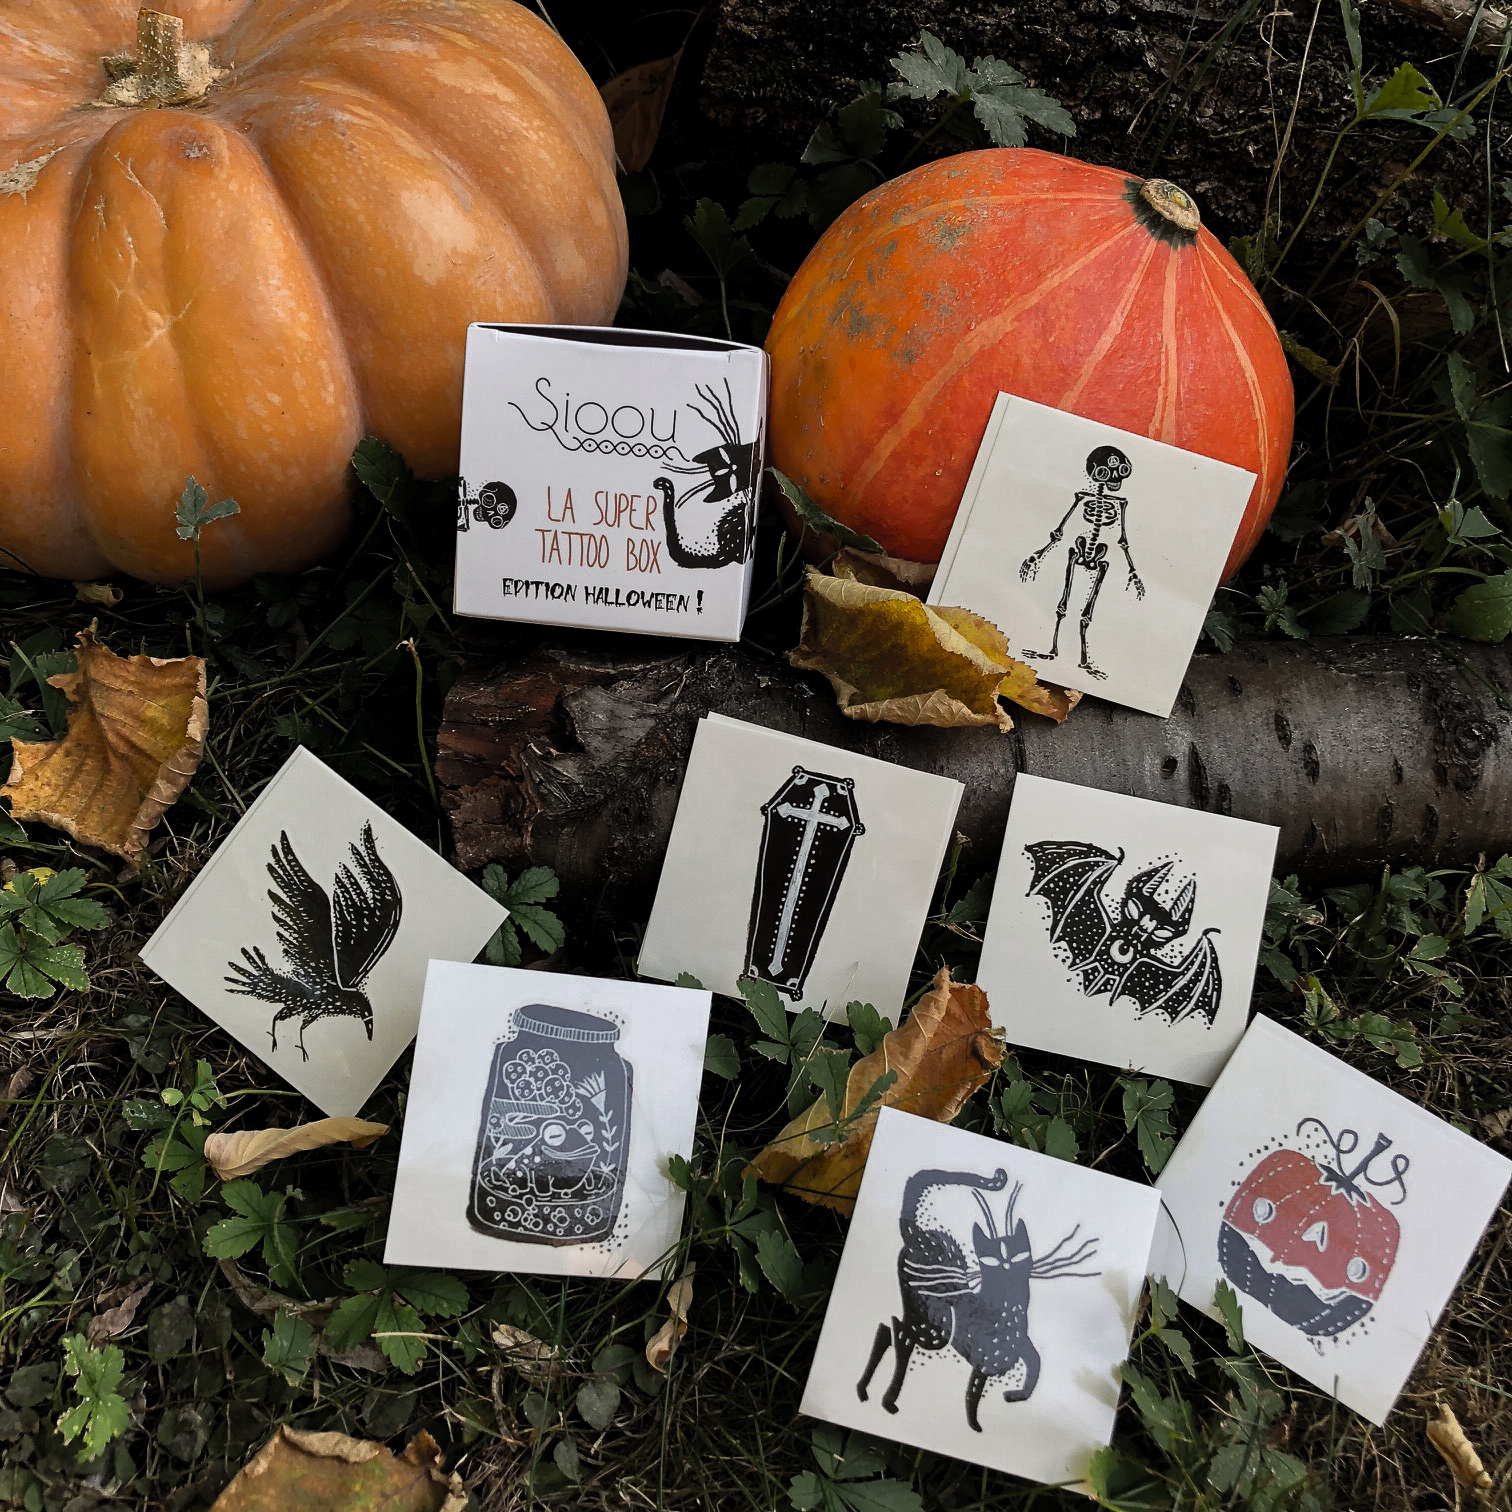 Tattoo box Halloween : tatouages éphémères Sioou en édition limitée